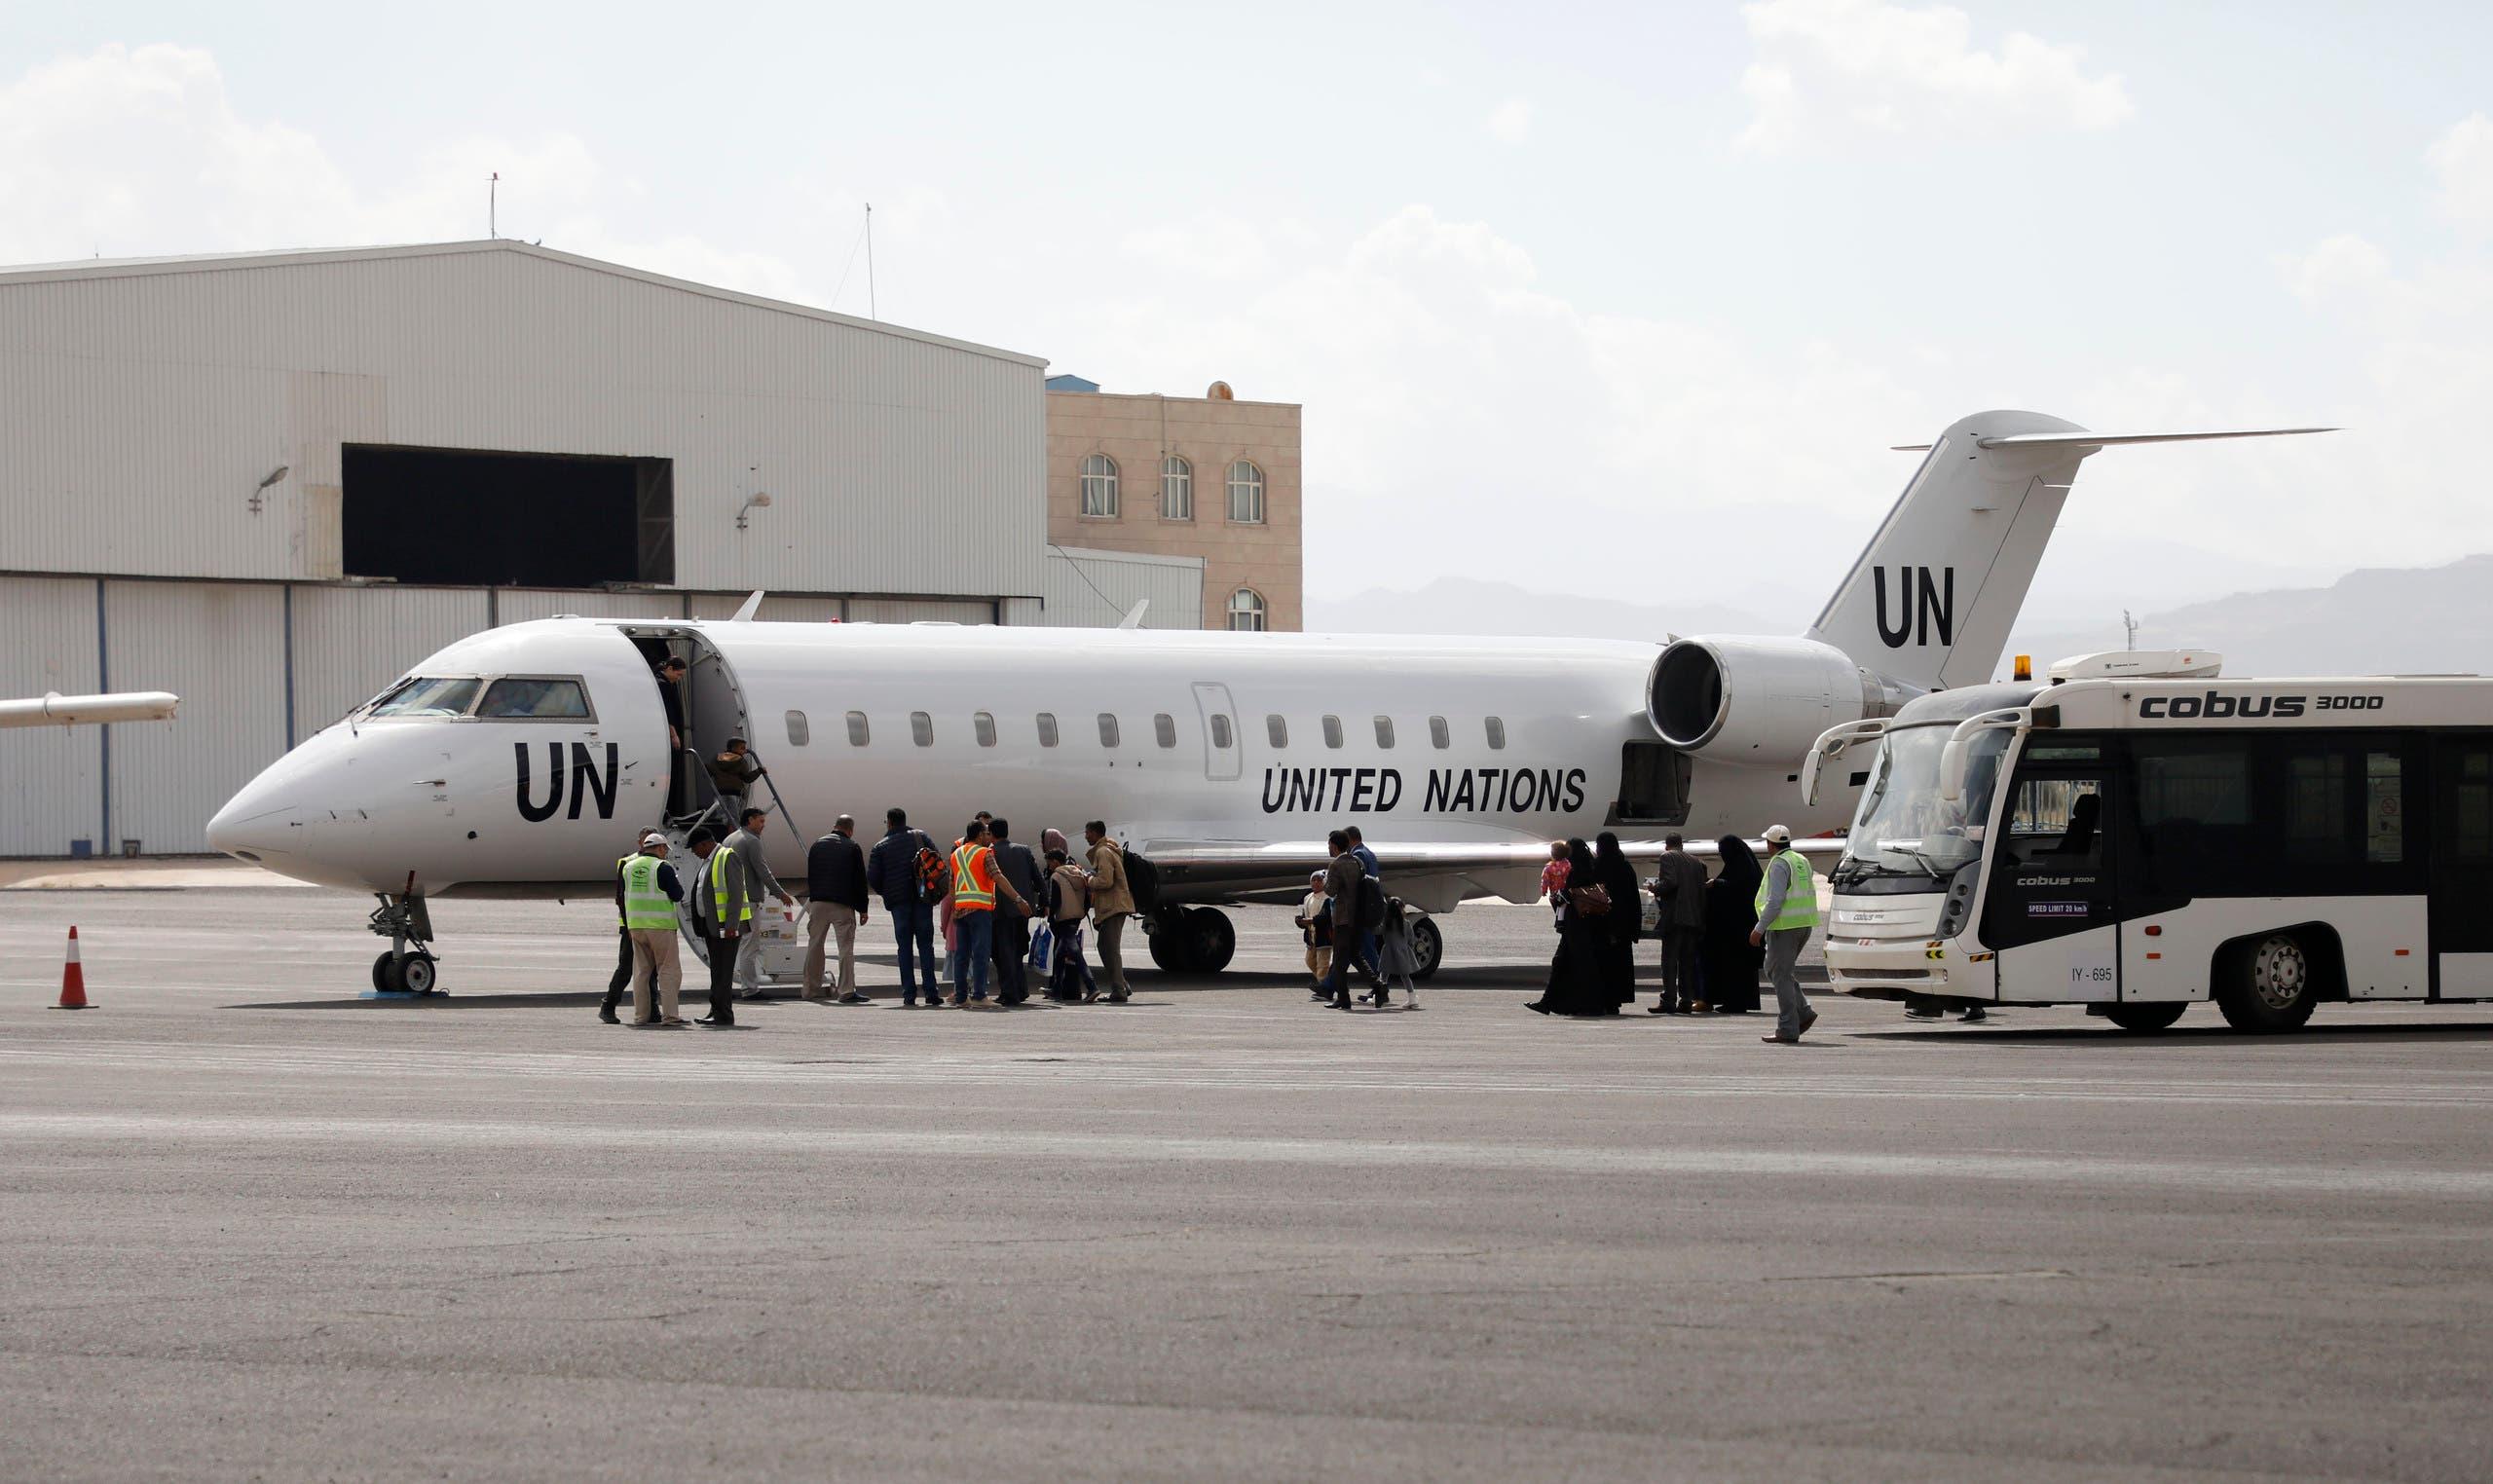 طائرة أممية تجلي مرضى يمنيين من صنعاء - 3 فبراير اسوشيتد برس